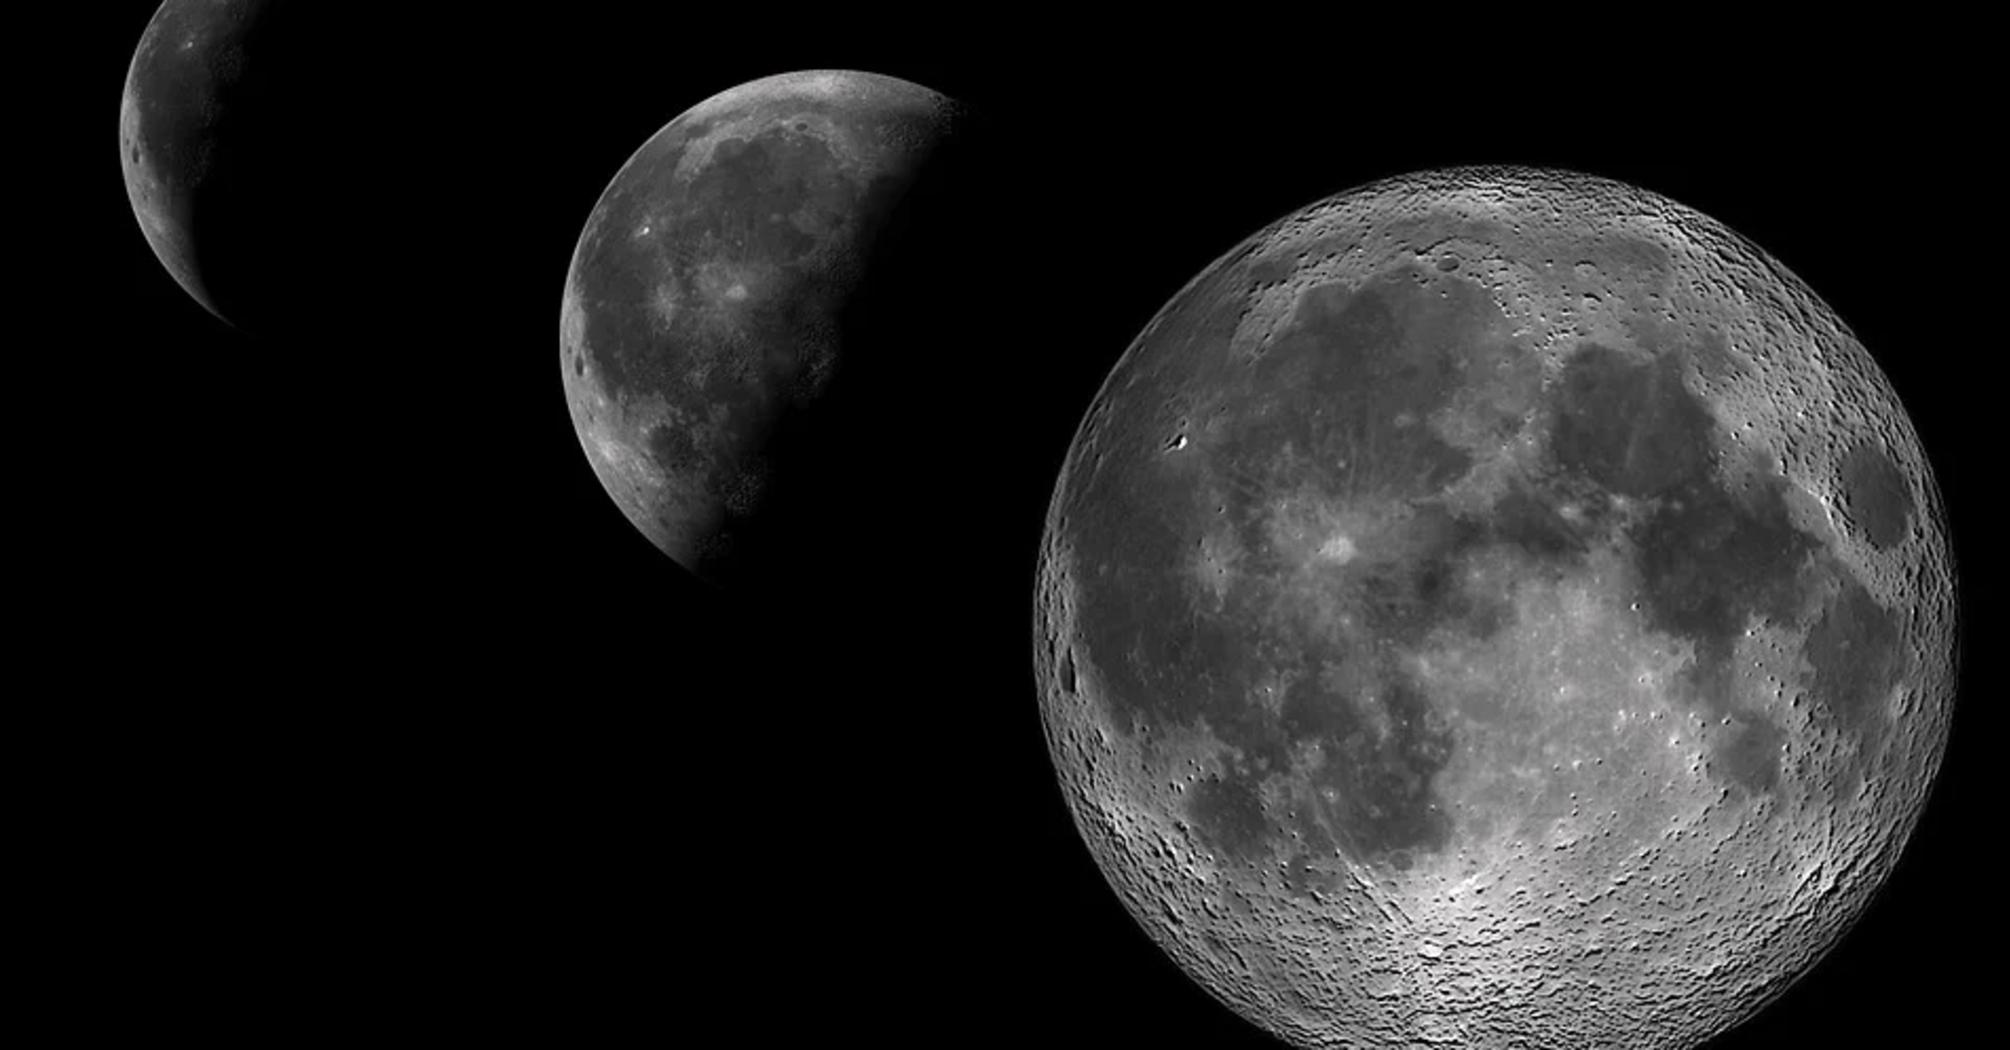 Выходные выдадутся неприятными: лунный календарь на 11-12 апреля